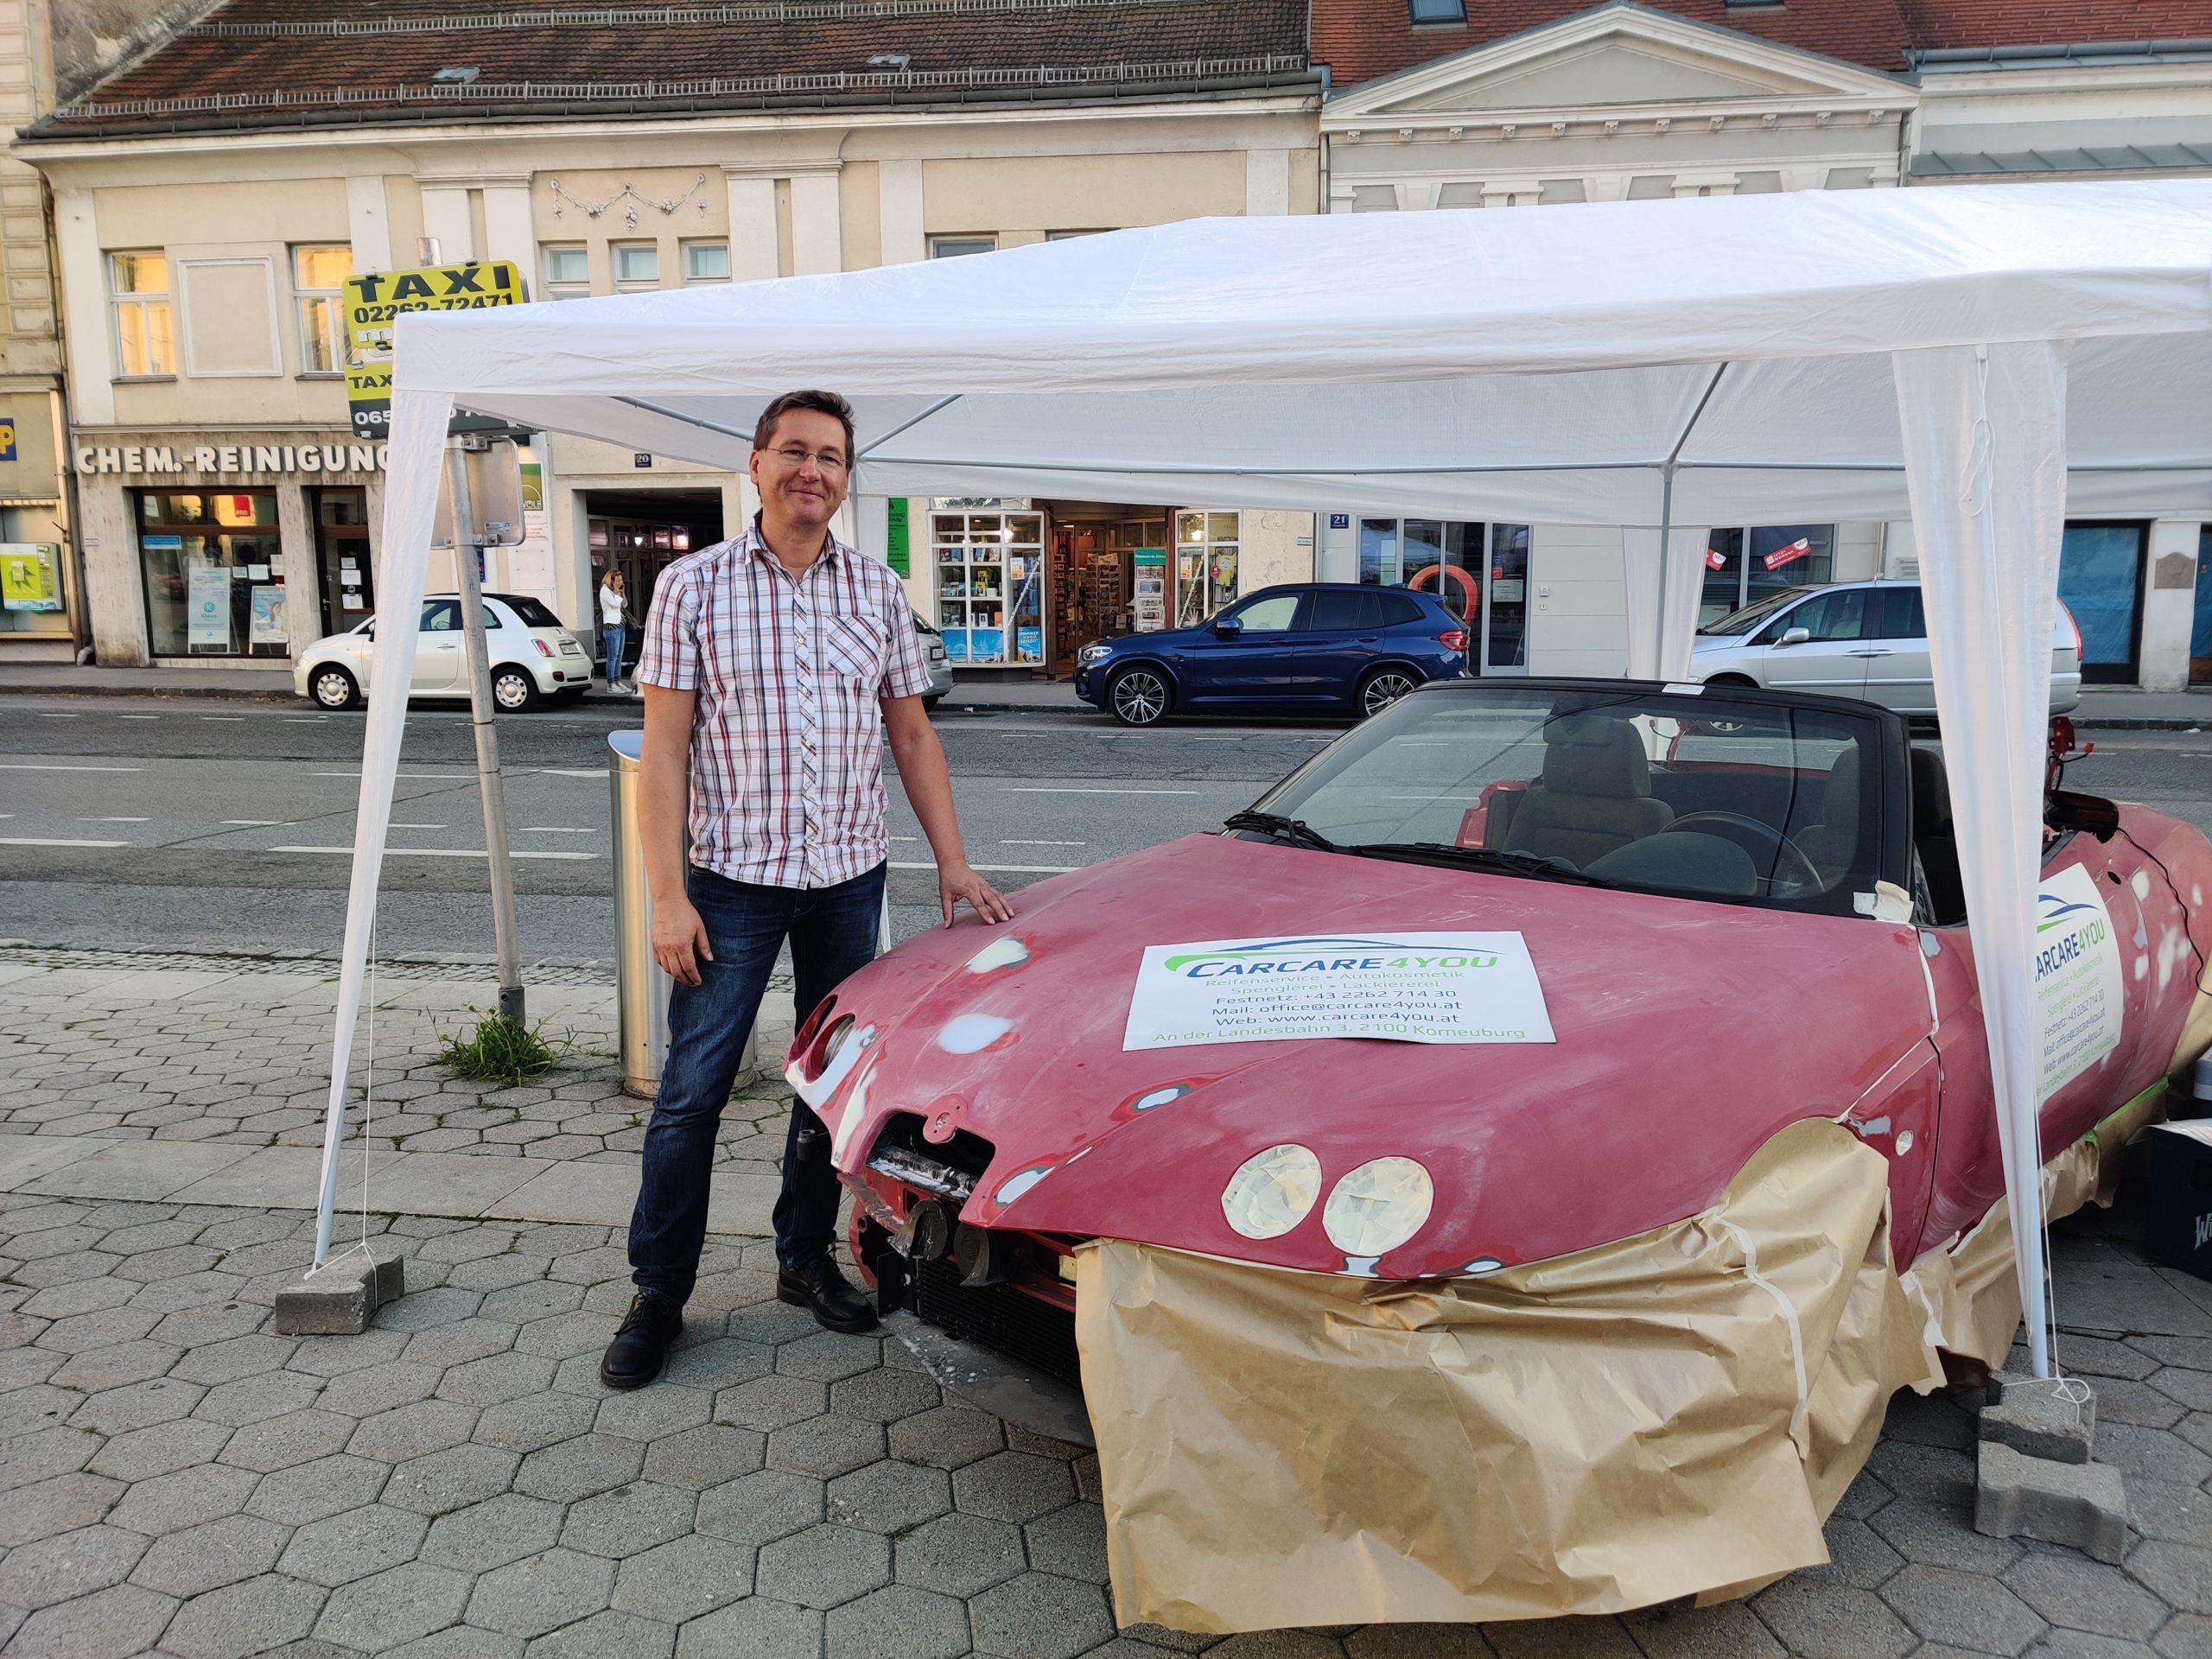 Inhaber, CEO von CarCare4you mit für die Lackiererei vorbereitetem Auto